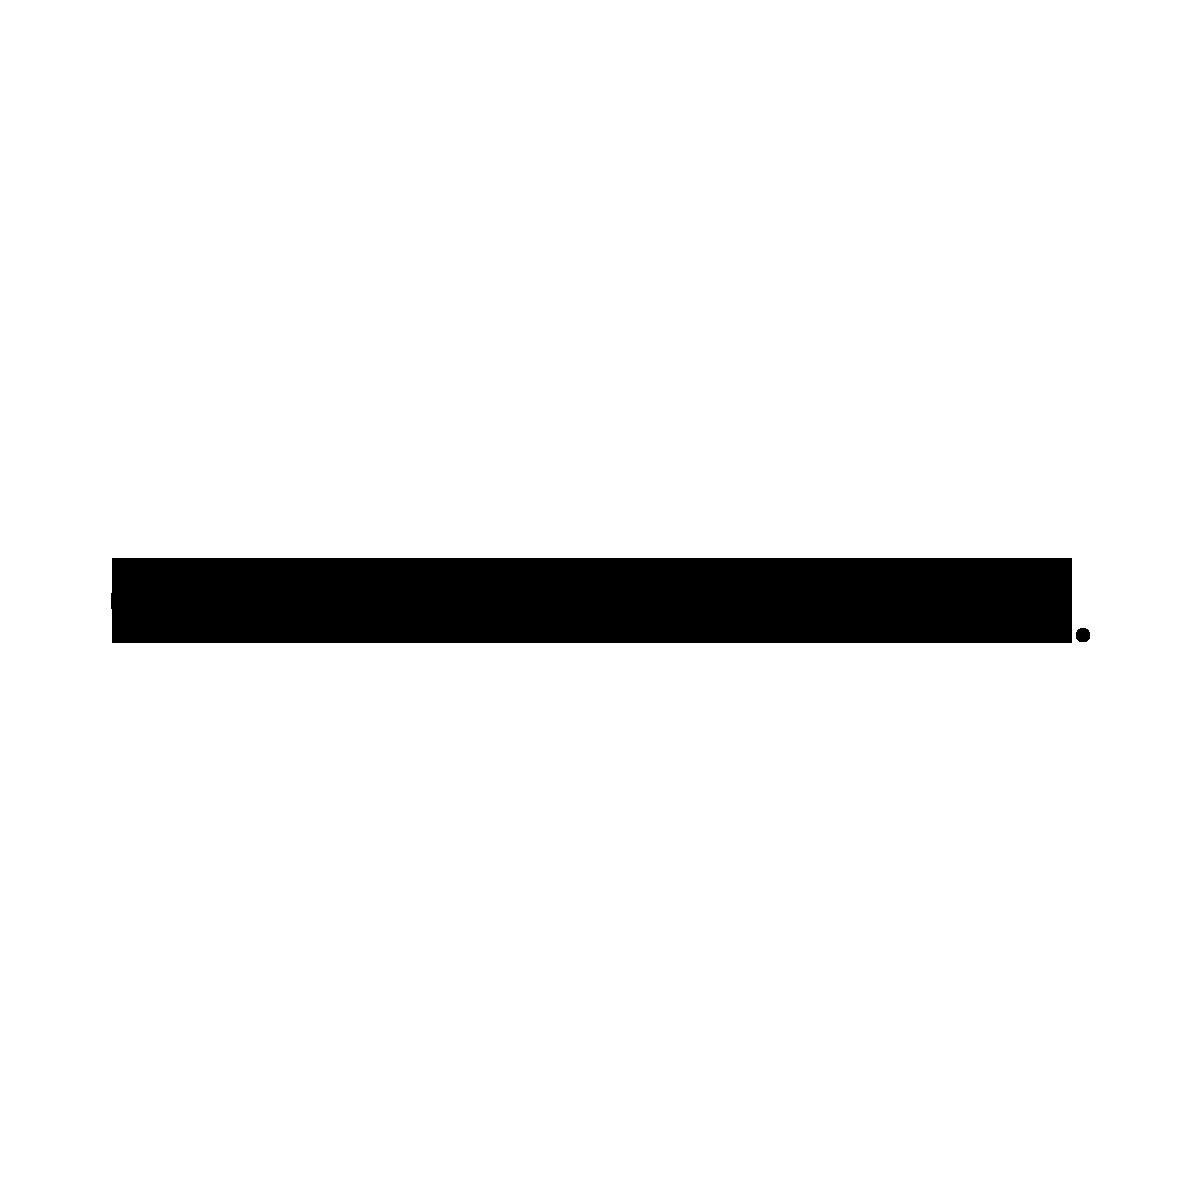 Chelseaboot-soft-grain-leather-Black